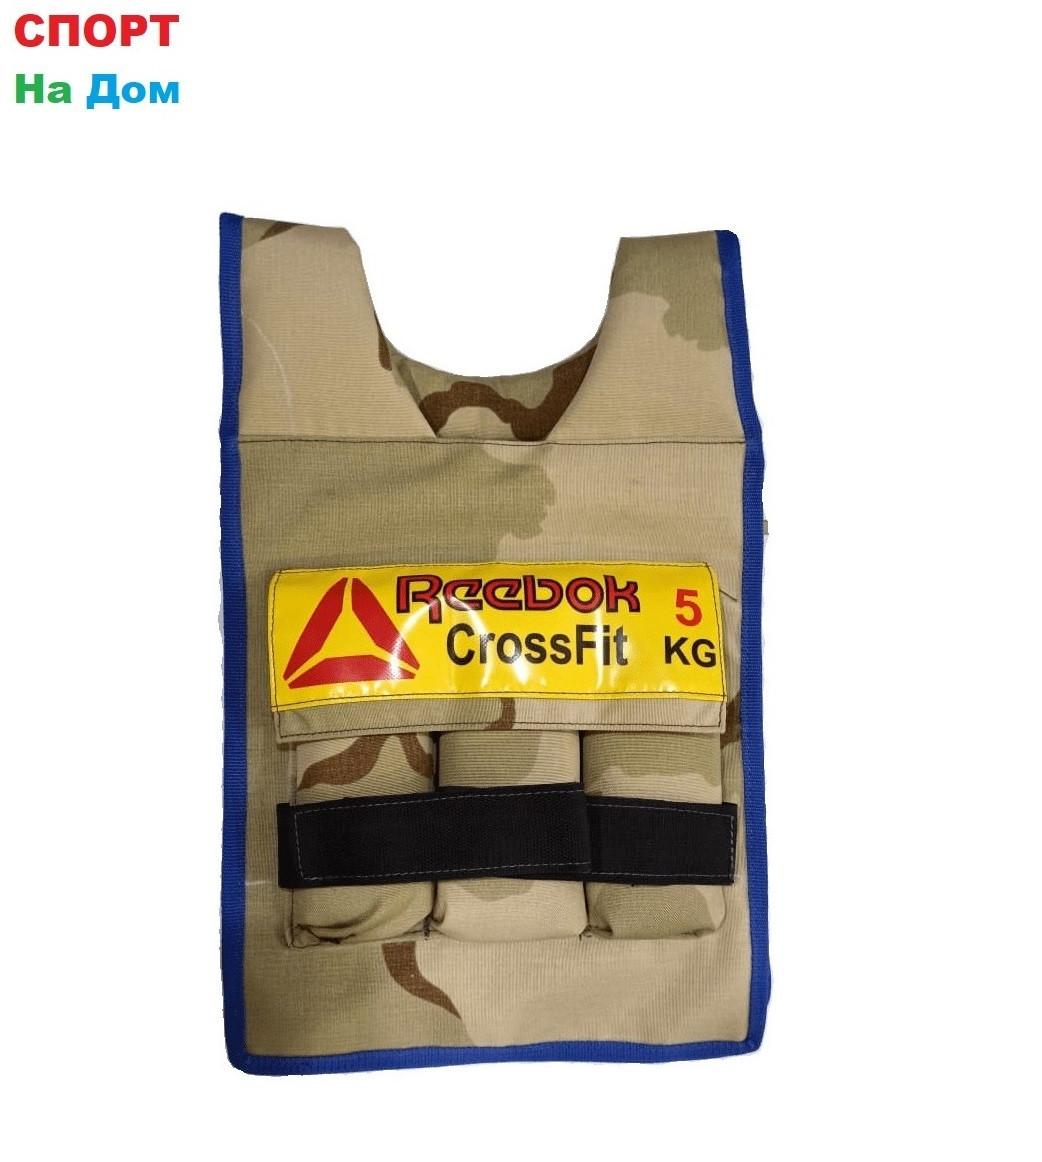 Жилет утяжелитель Reebok Crossfit для физических нагрузок 5 кг